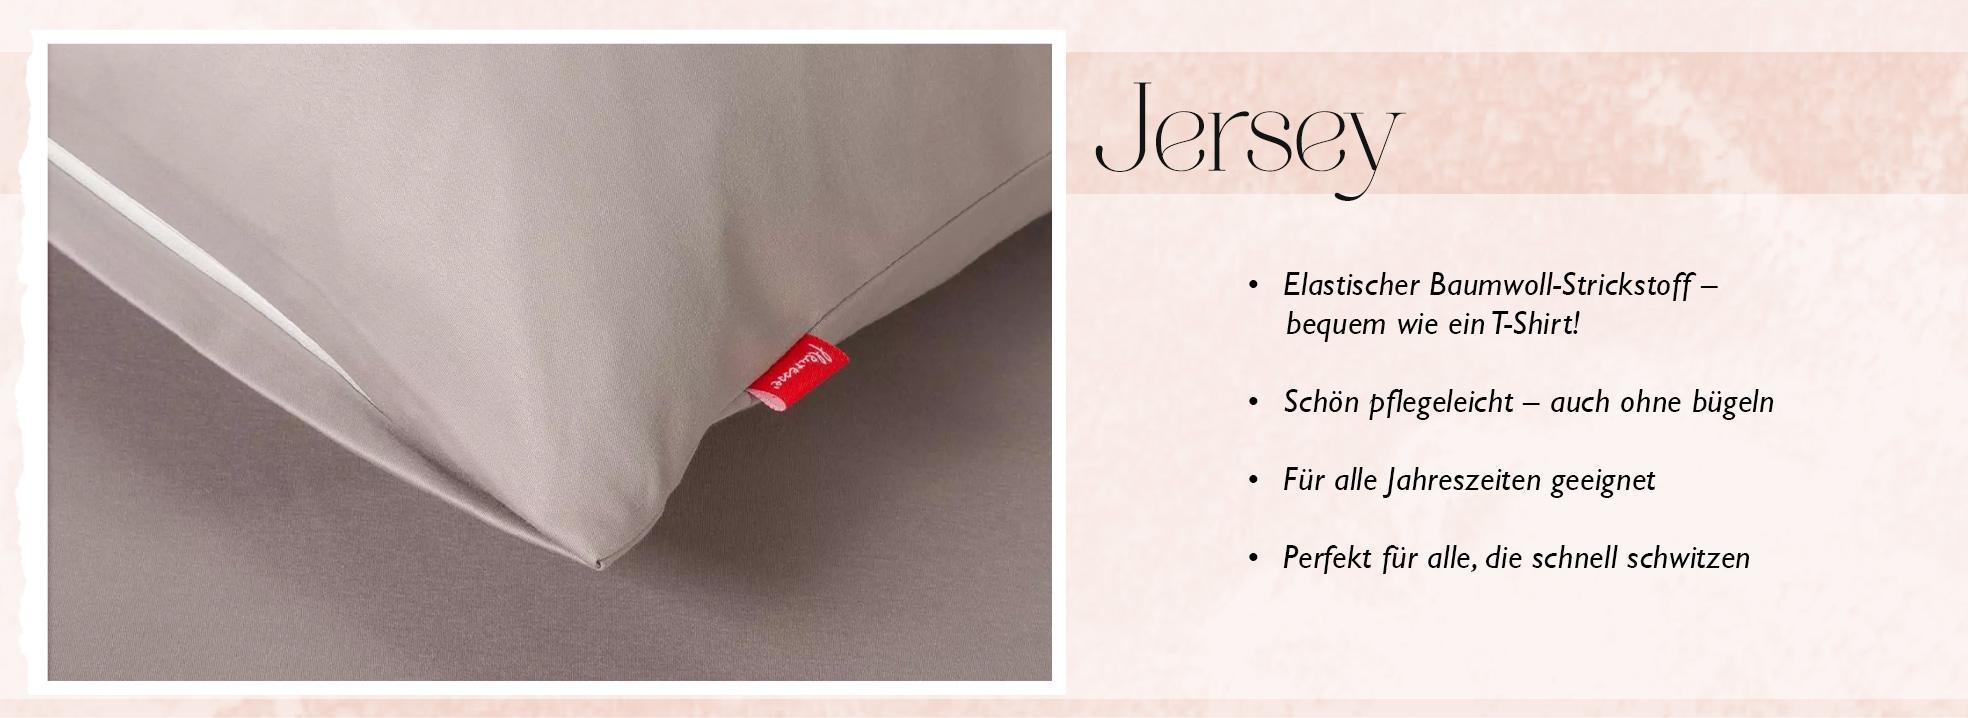 Infografik zu den Eigenschaften von Jersey Bettwäsche